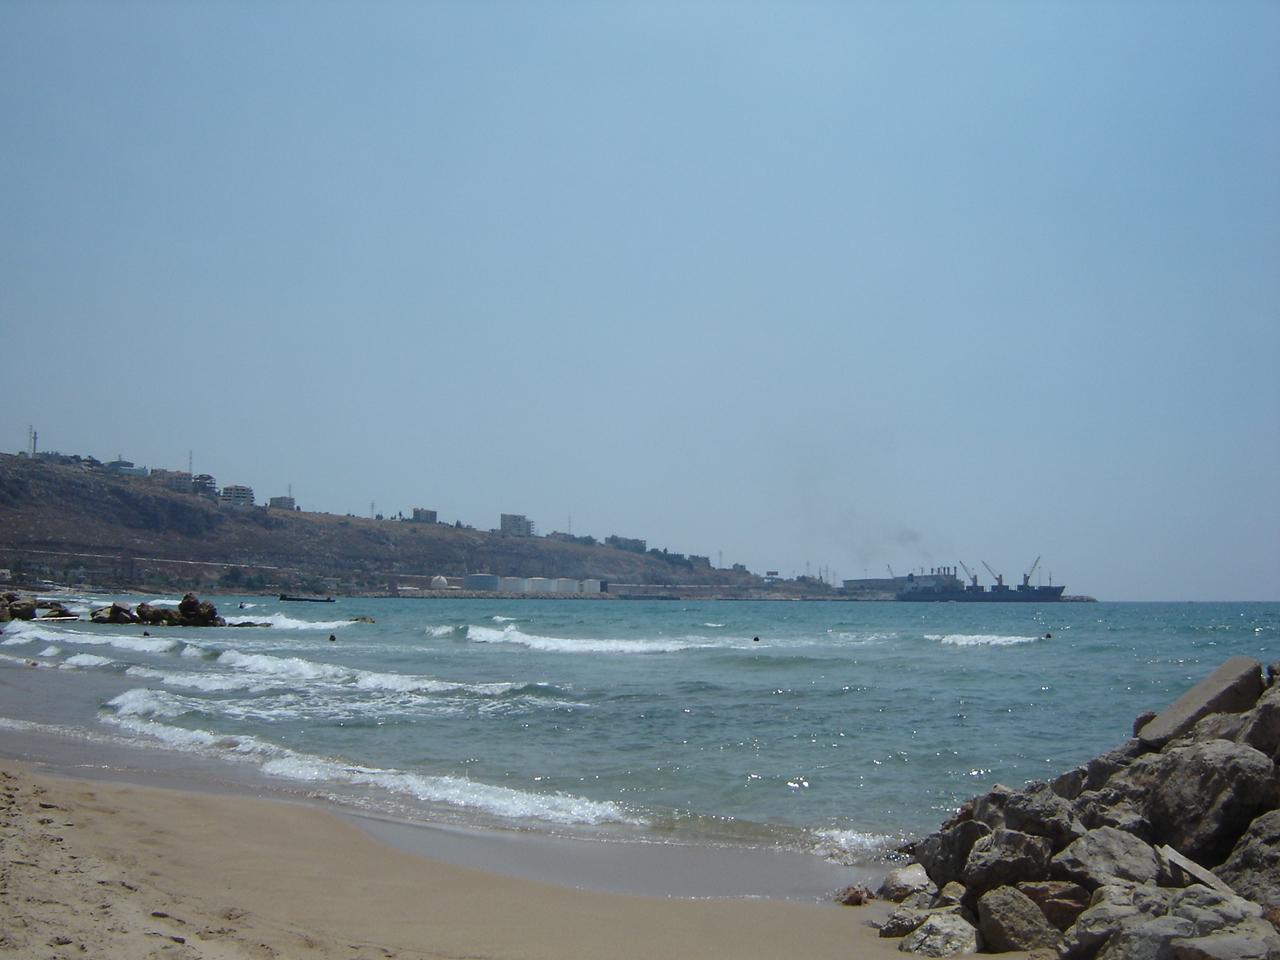 lebnon-beach-nudes-sextiest-perky-ass-pics